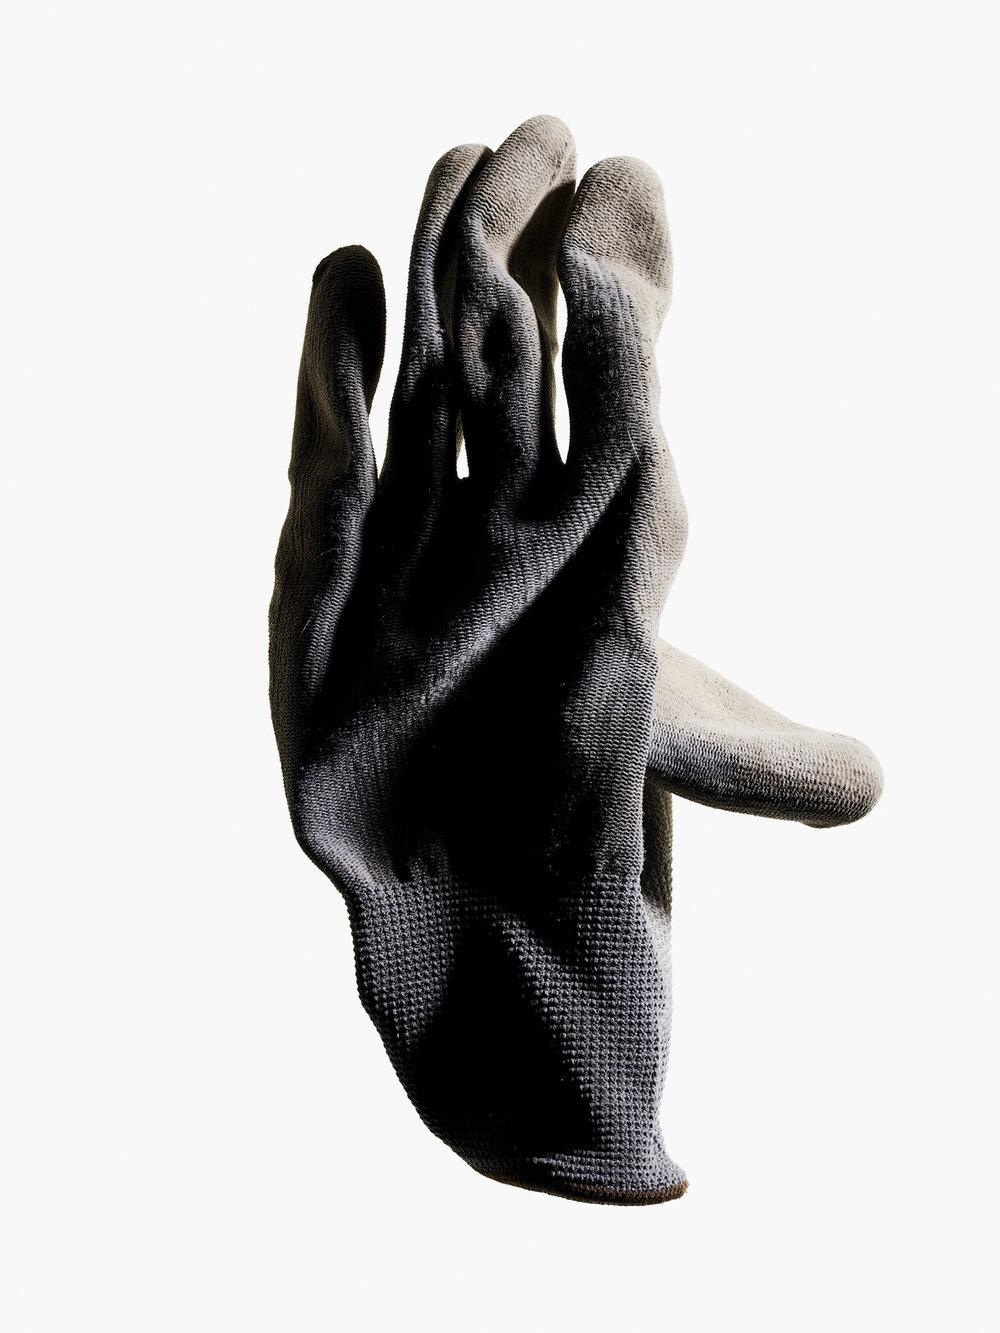 20171201 Gloves-112631.jpg